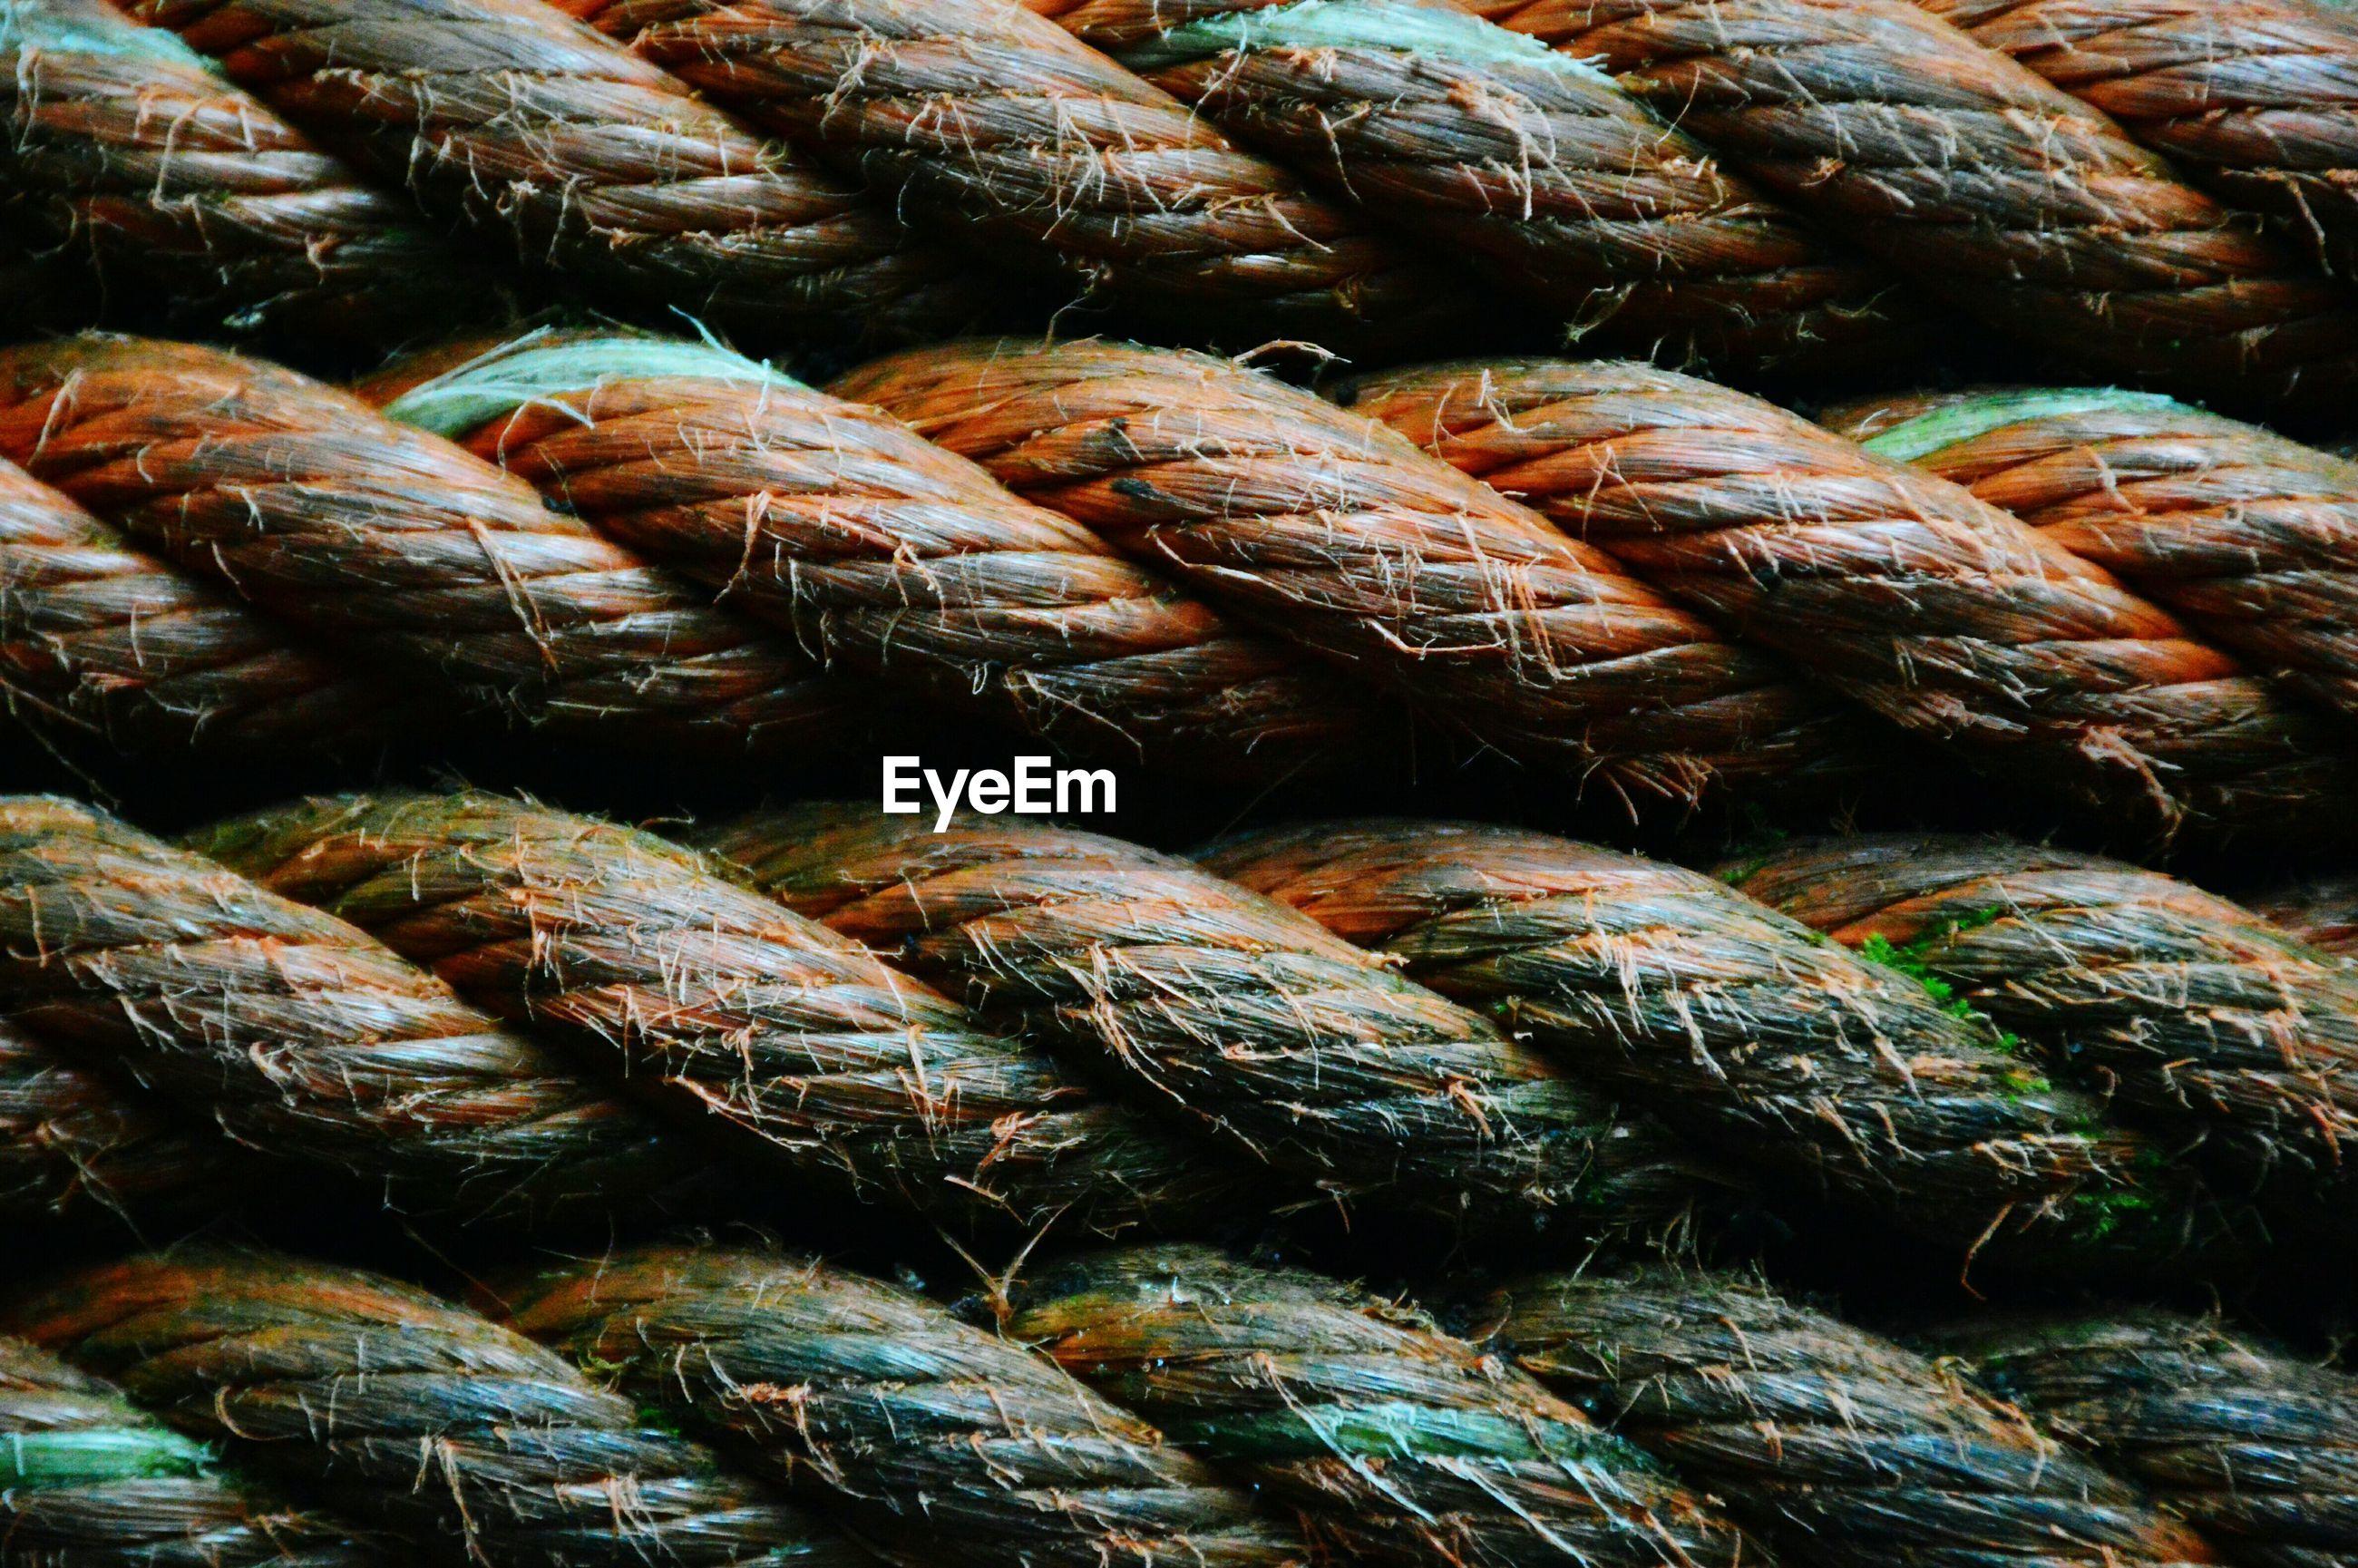 Full frame of rope